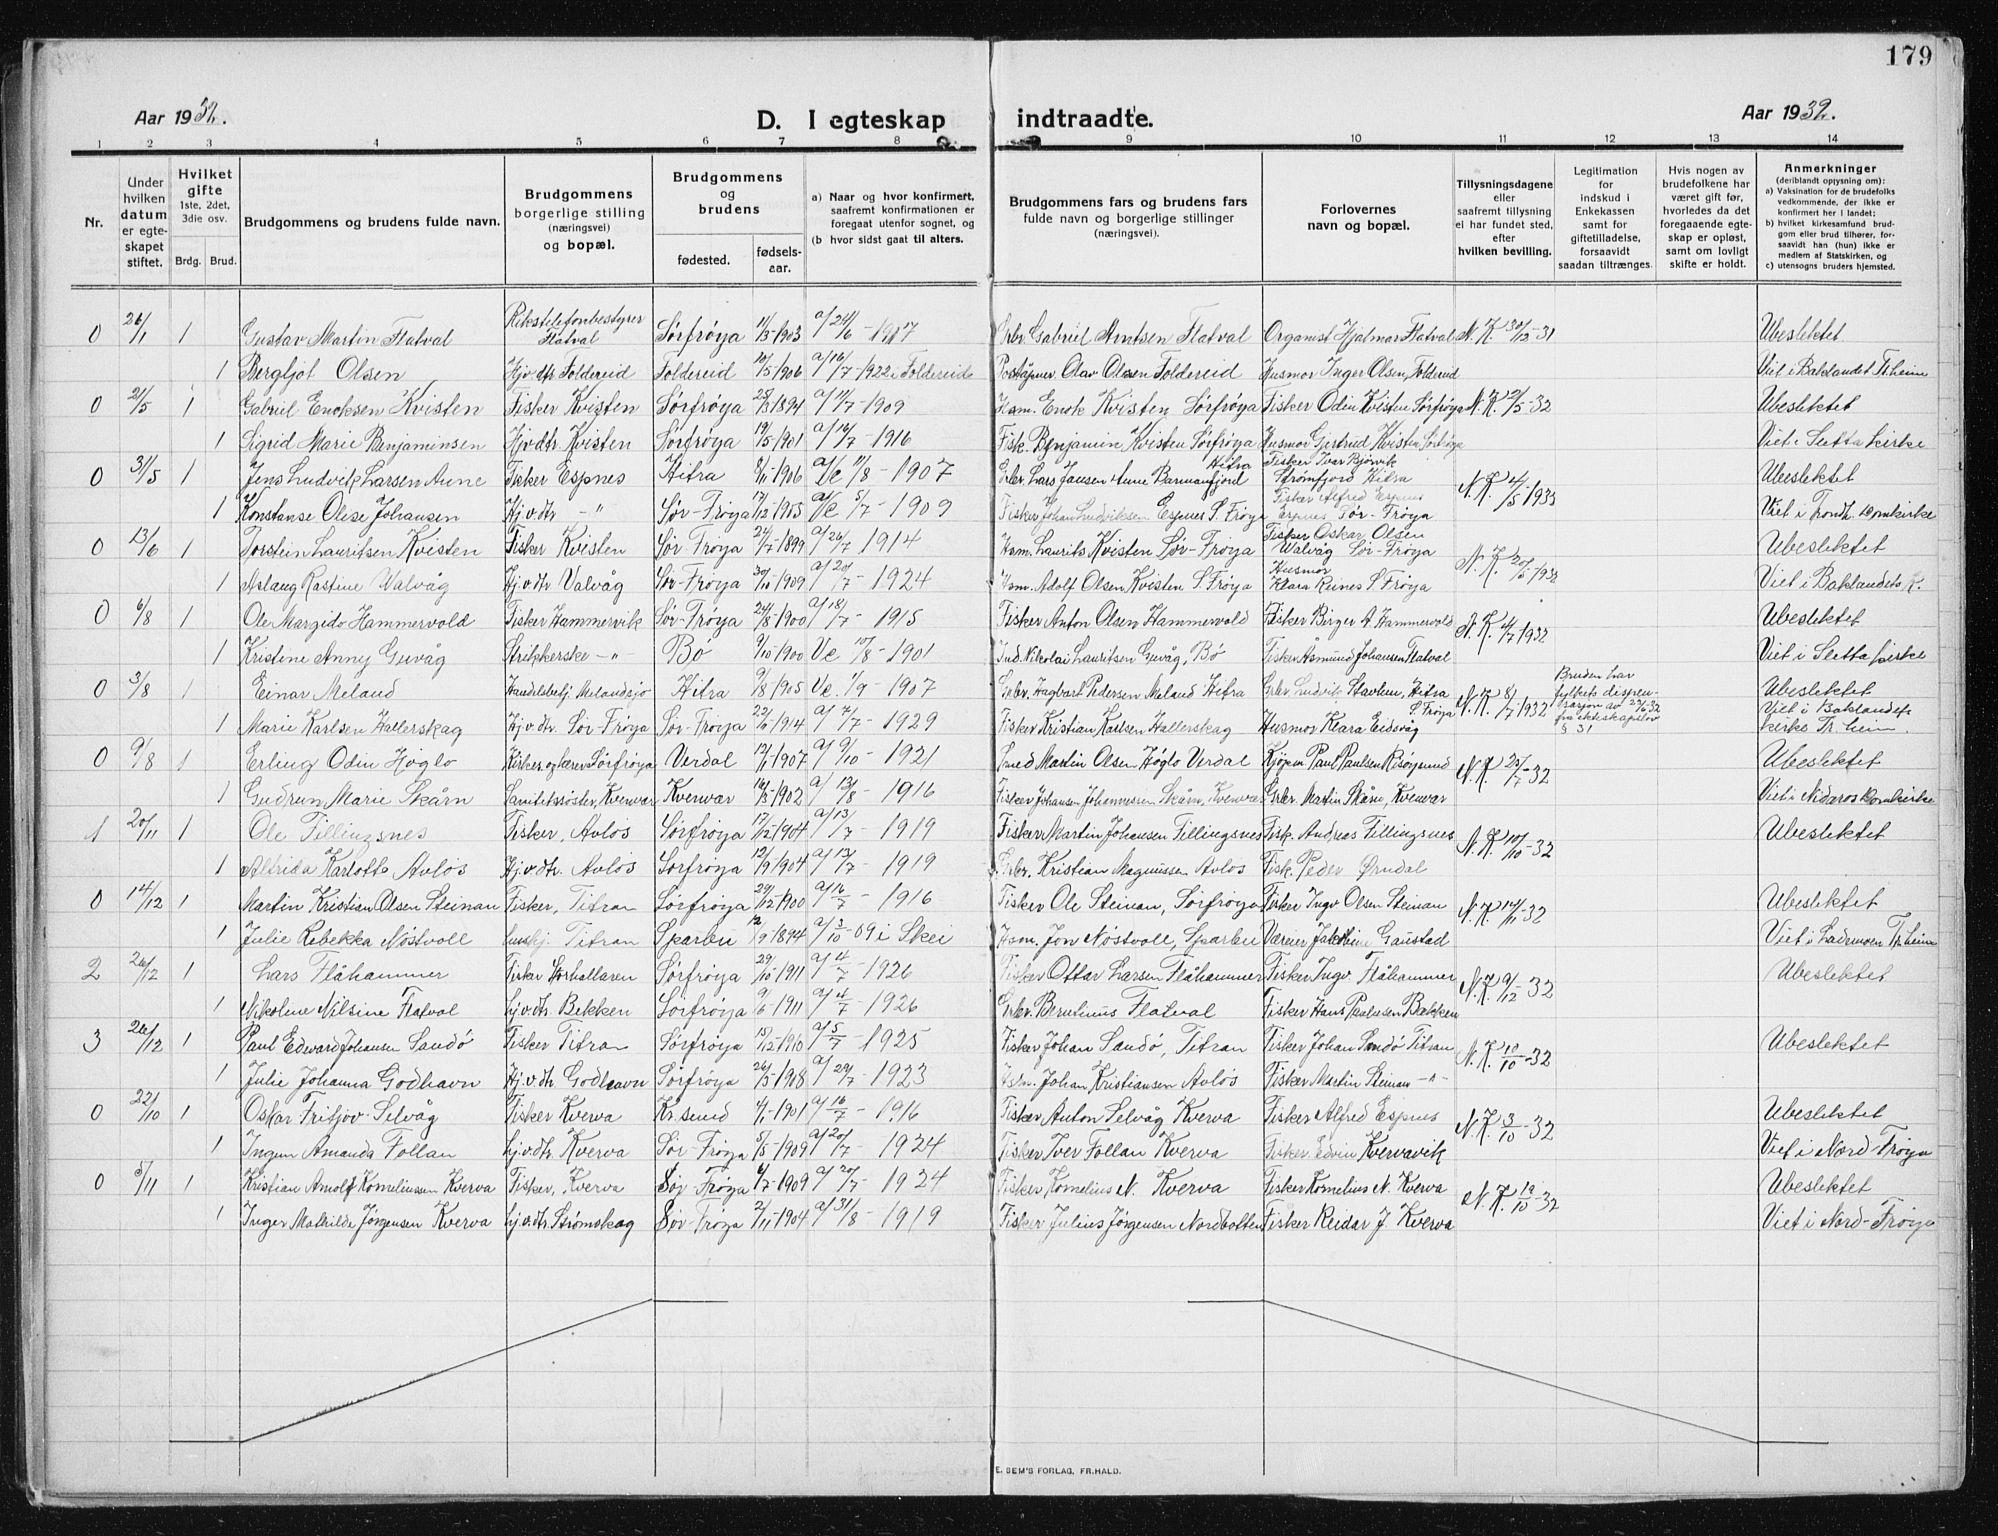 SAT, Ministerialprotokoller, klokkerbøker og fødselsregistre - Sør-Trøndelag, 641/L0599: Klokkerbok nr. 641C03, 1910-1938, s. 179